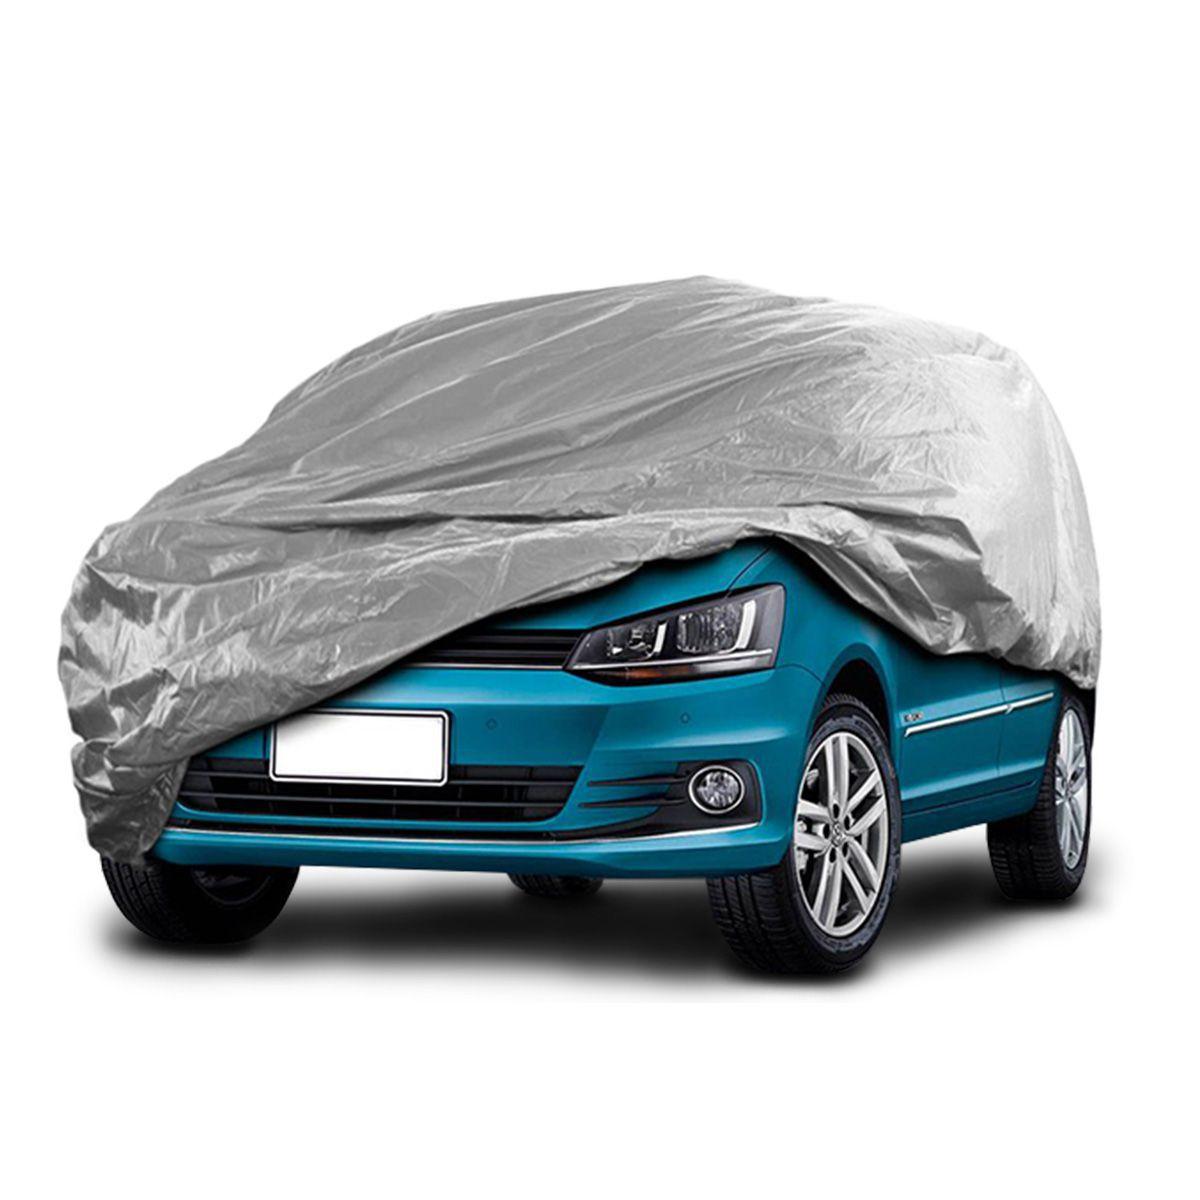 88381a5db7e ... Capa De Cobrir Carro Média Gofrada Forrada Impermeavel - General Car ...